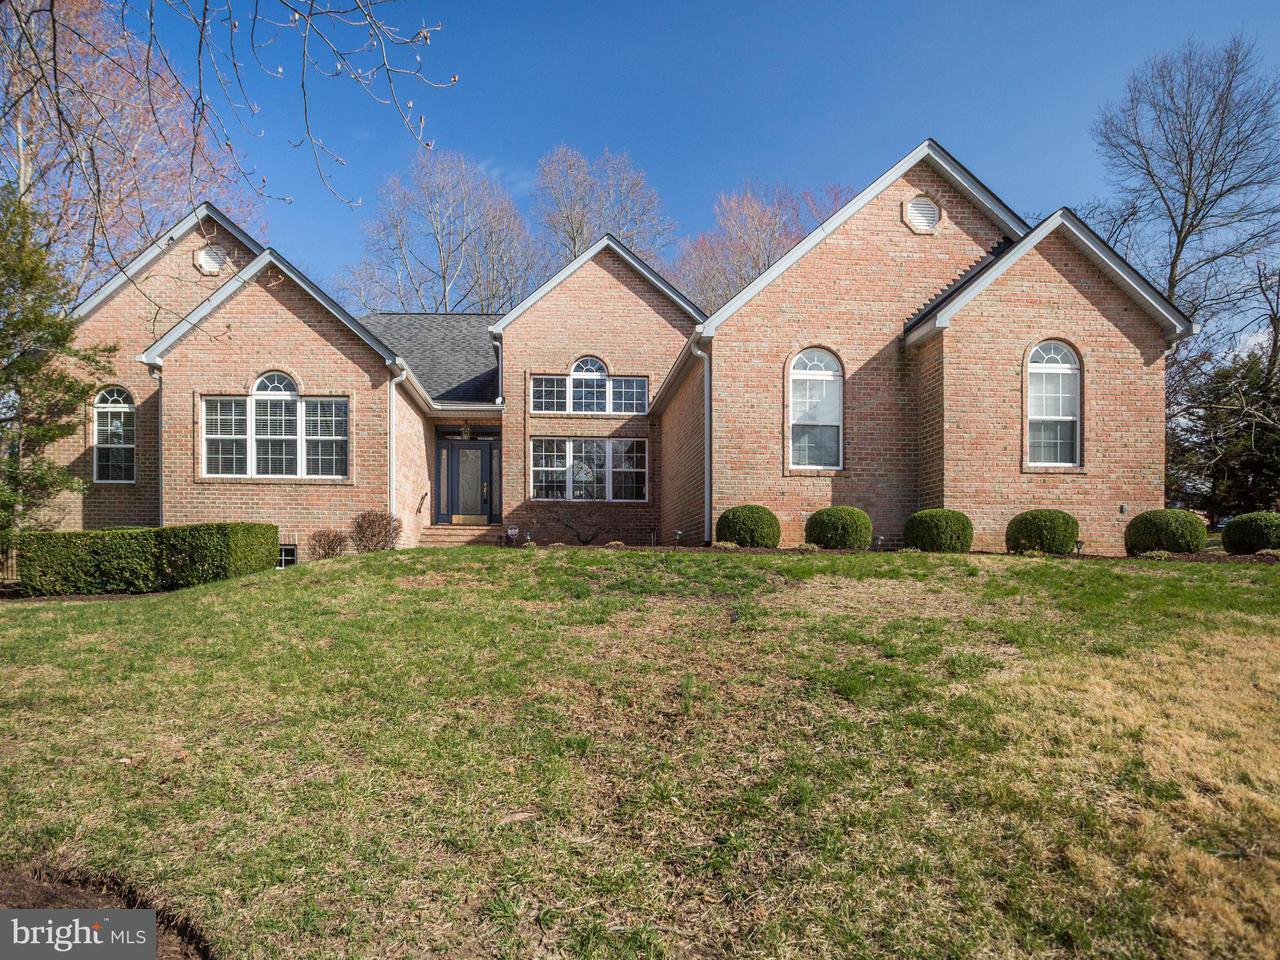 Maison unifamiliale pour l Vente à 12645 Perrywood Lane 12645 Perrywood Lane Dunkirk, Maryland 20754 États-Unis